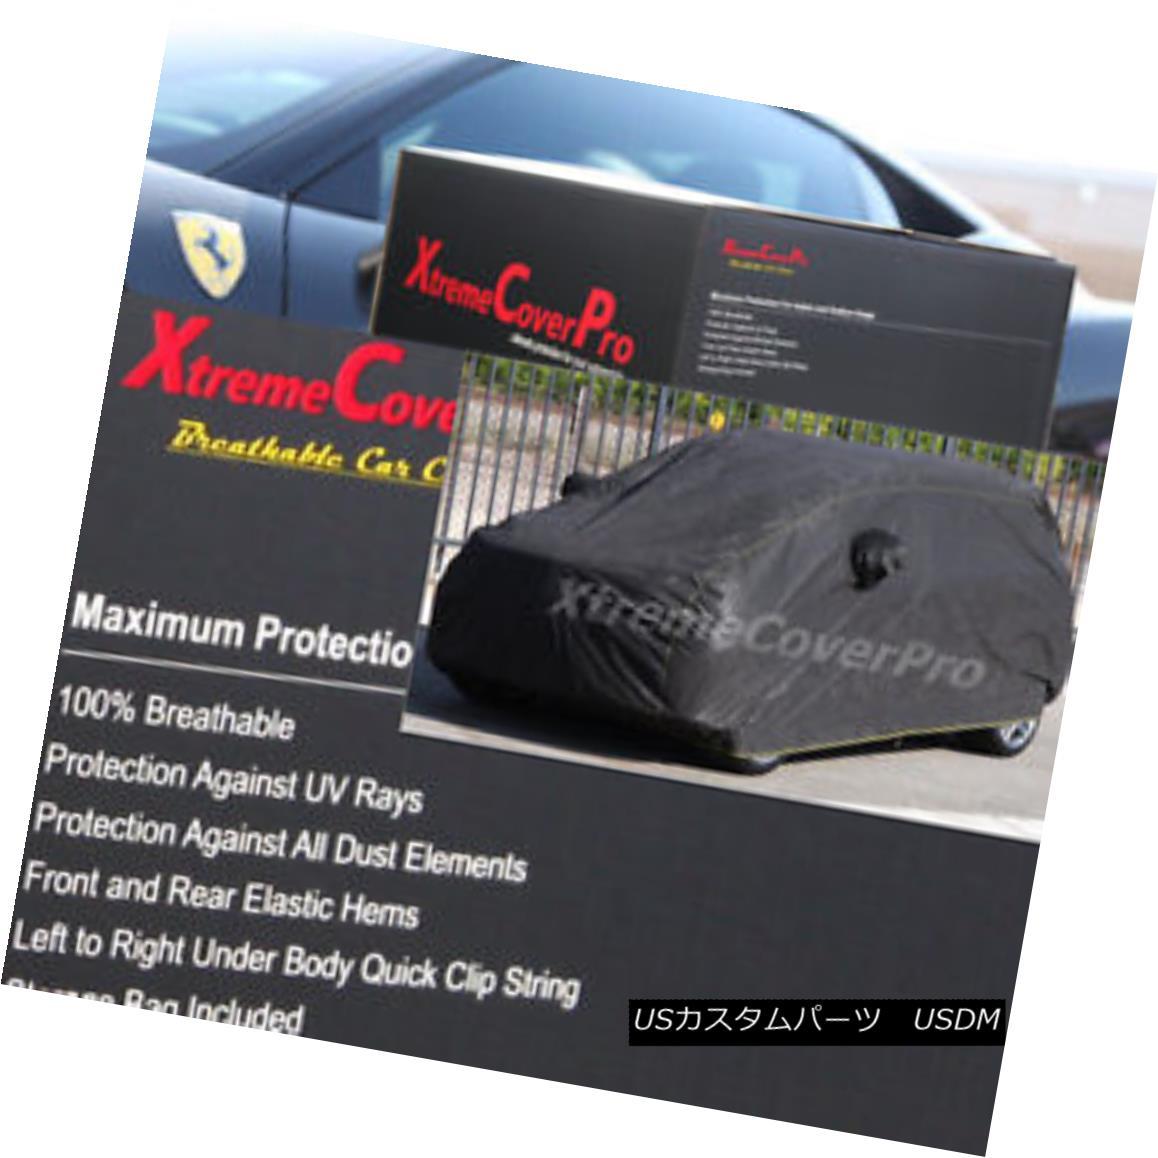 カーカバー 2018 GMC TERRAIN BREATHABLE CAR COVER W/MIRROR POCKET - BLACK 2018 GMCテレーンブレークスルーカーカバー/ミラーポケット - ブラック